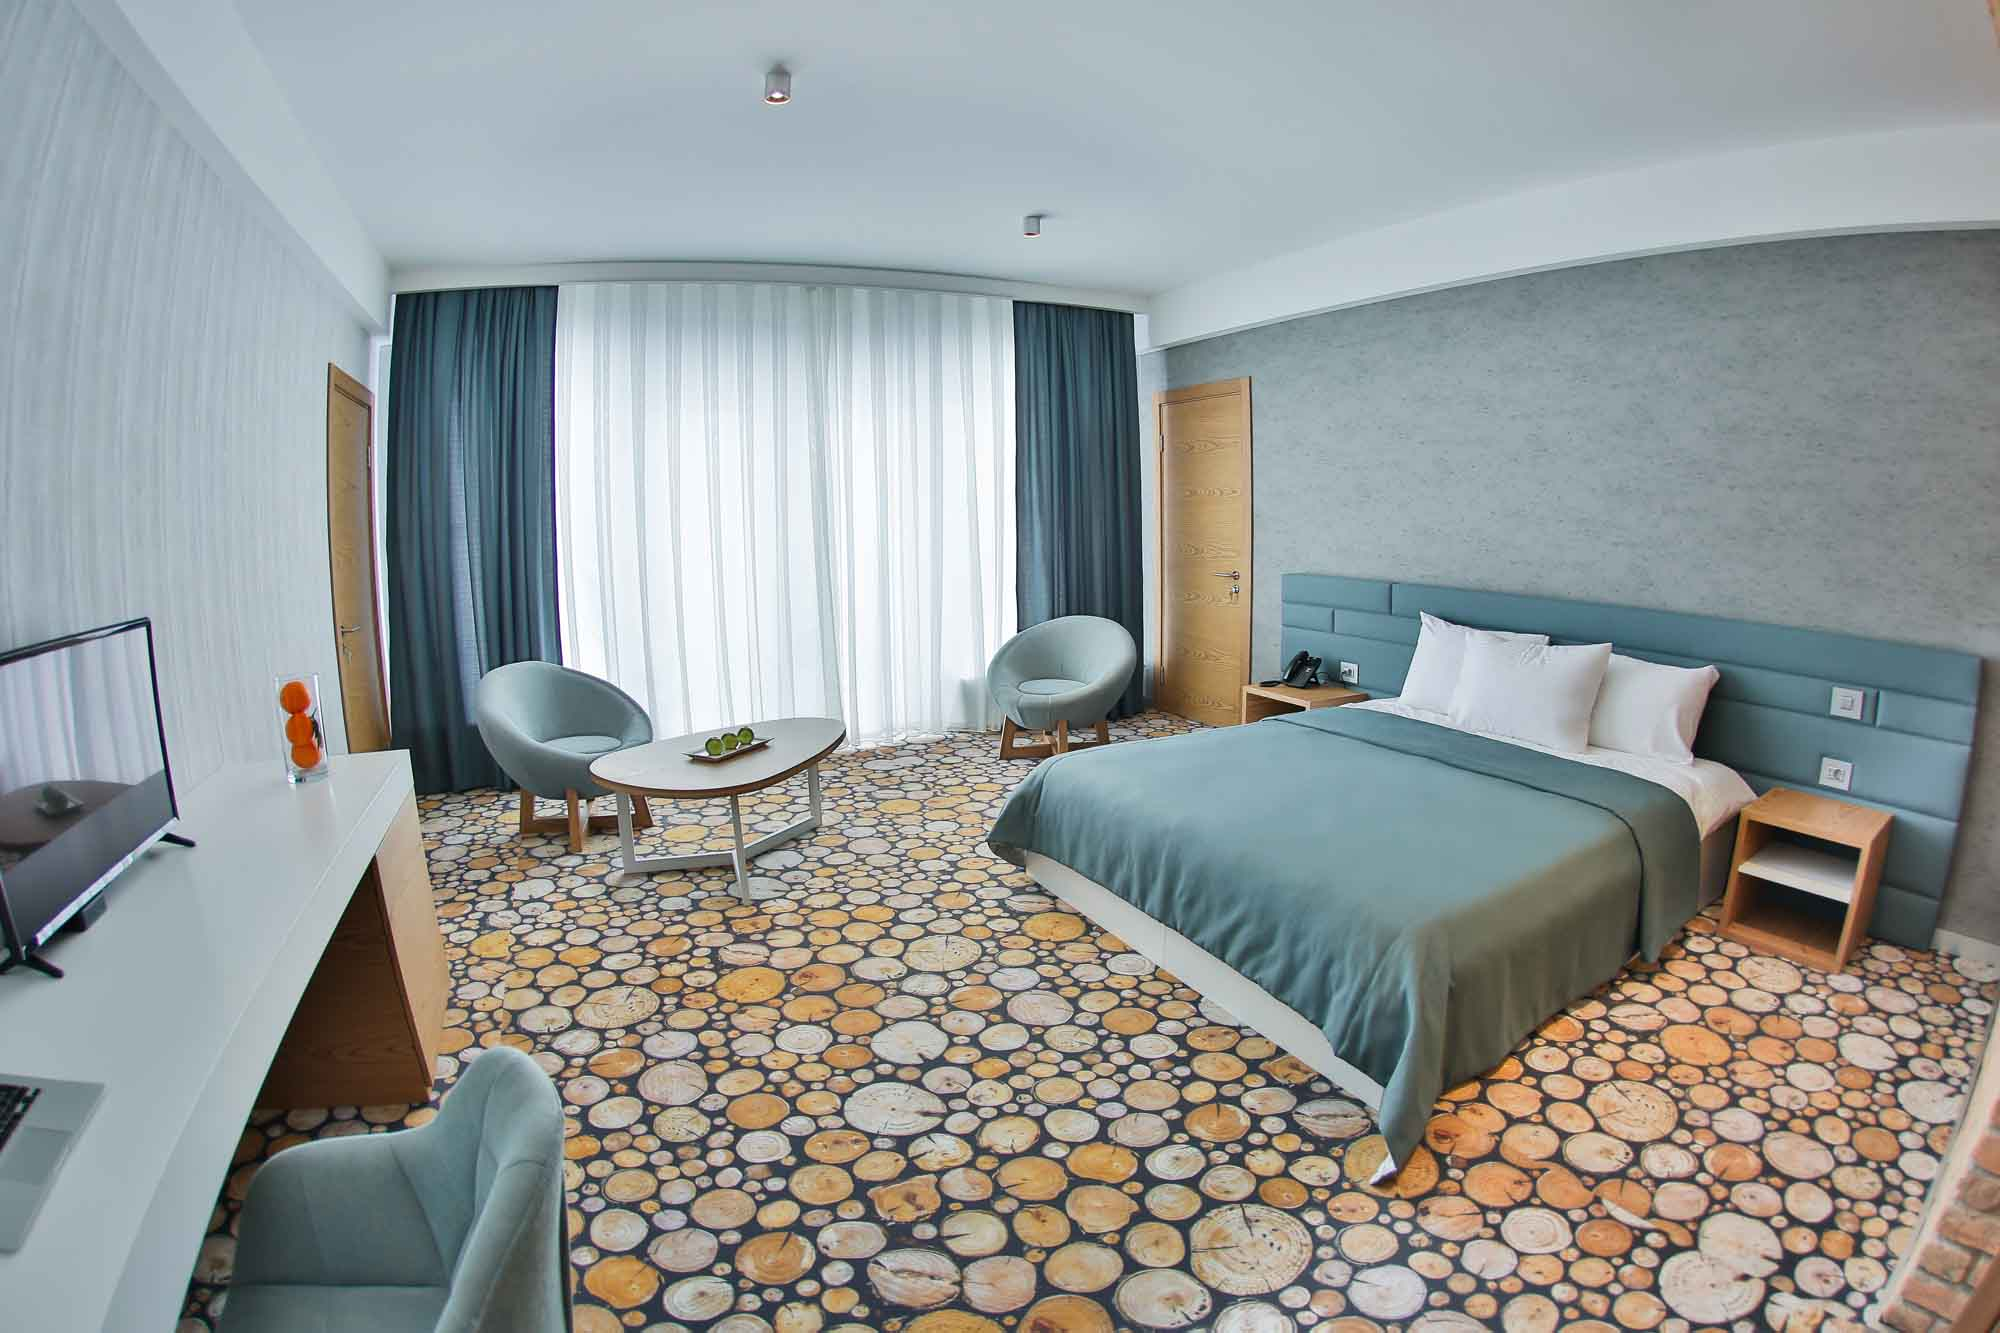 YURD HOTEL